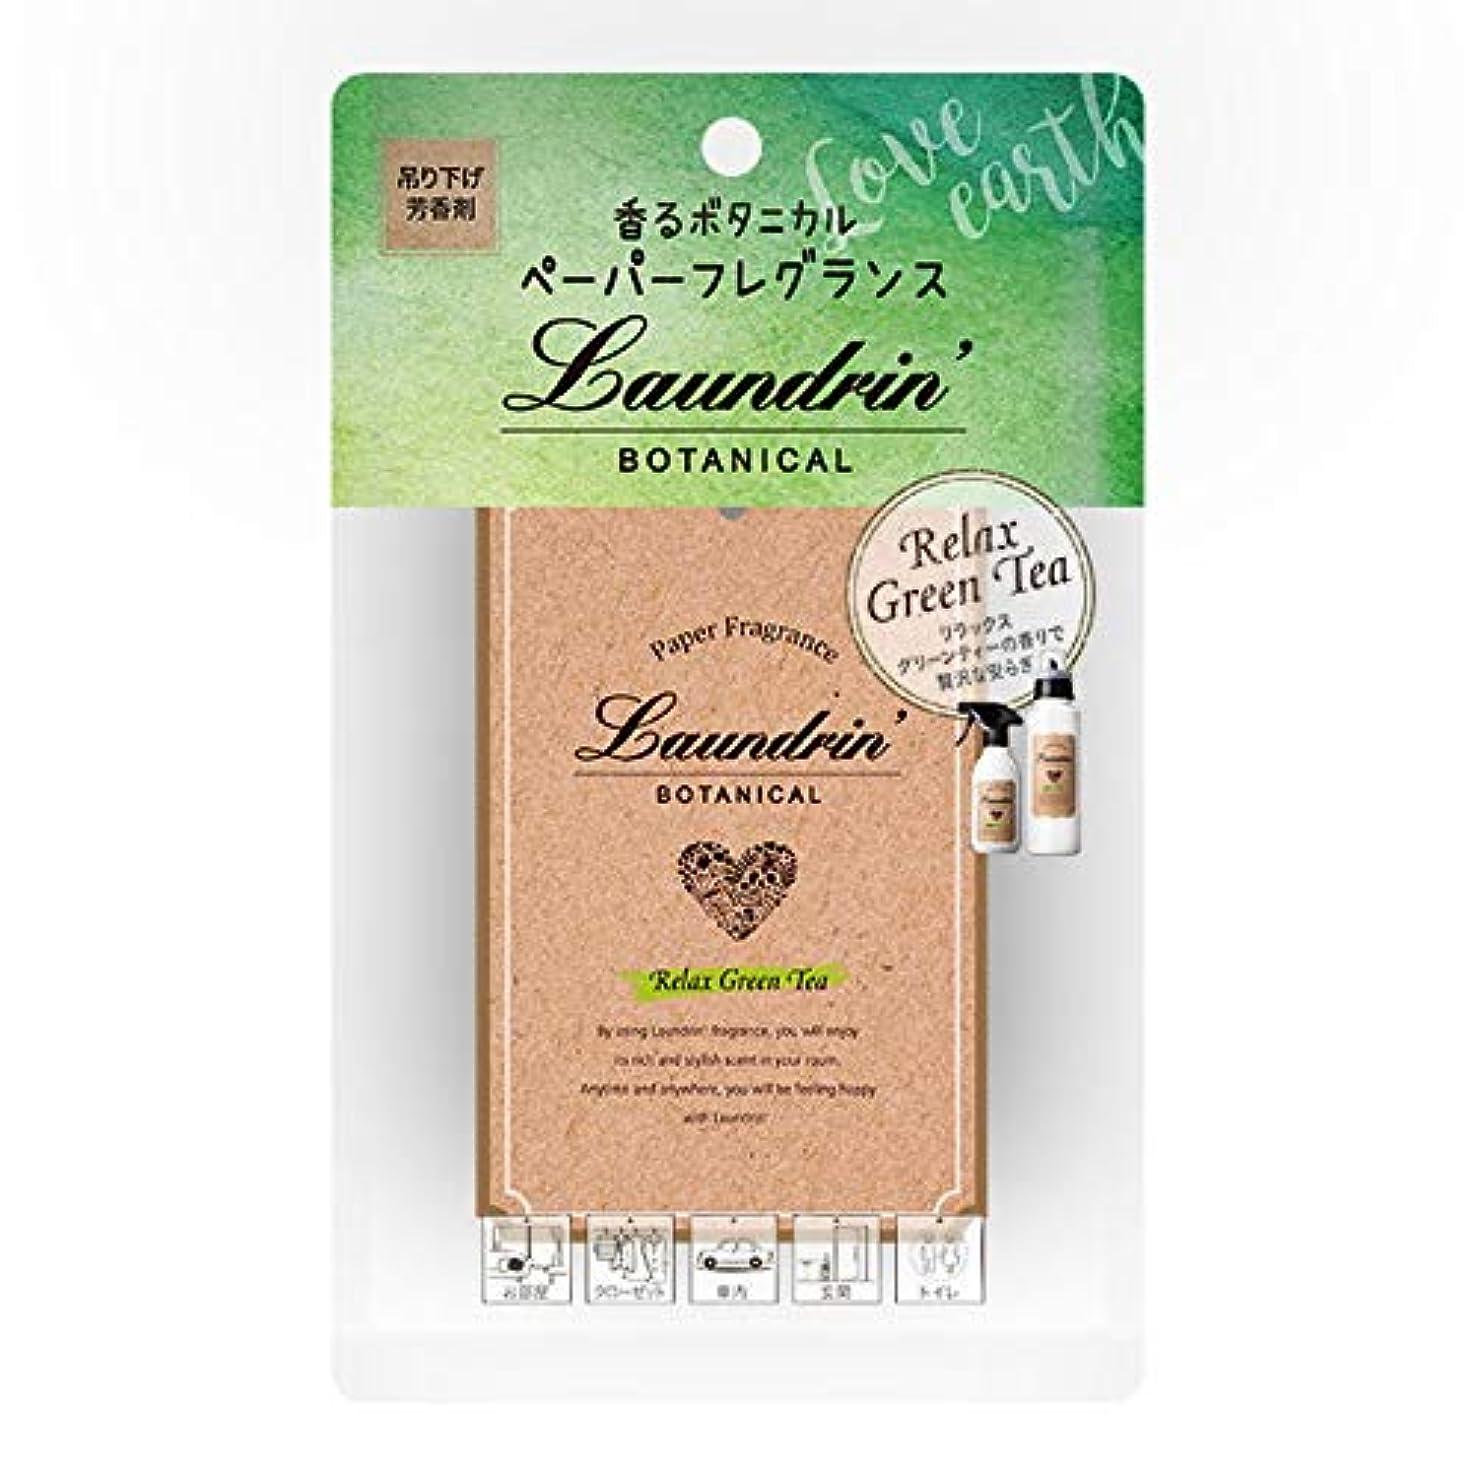 教えてアイドル補助金ランドリン ボタニカル ペーパーフレグランス リラックスグリーンティー (1枚) 芳香剤